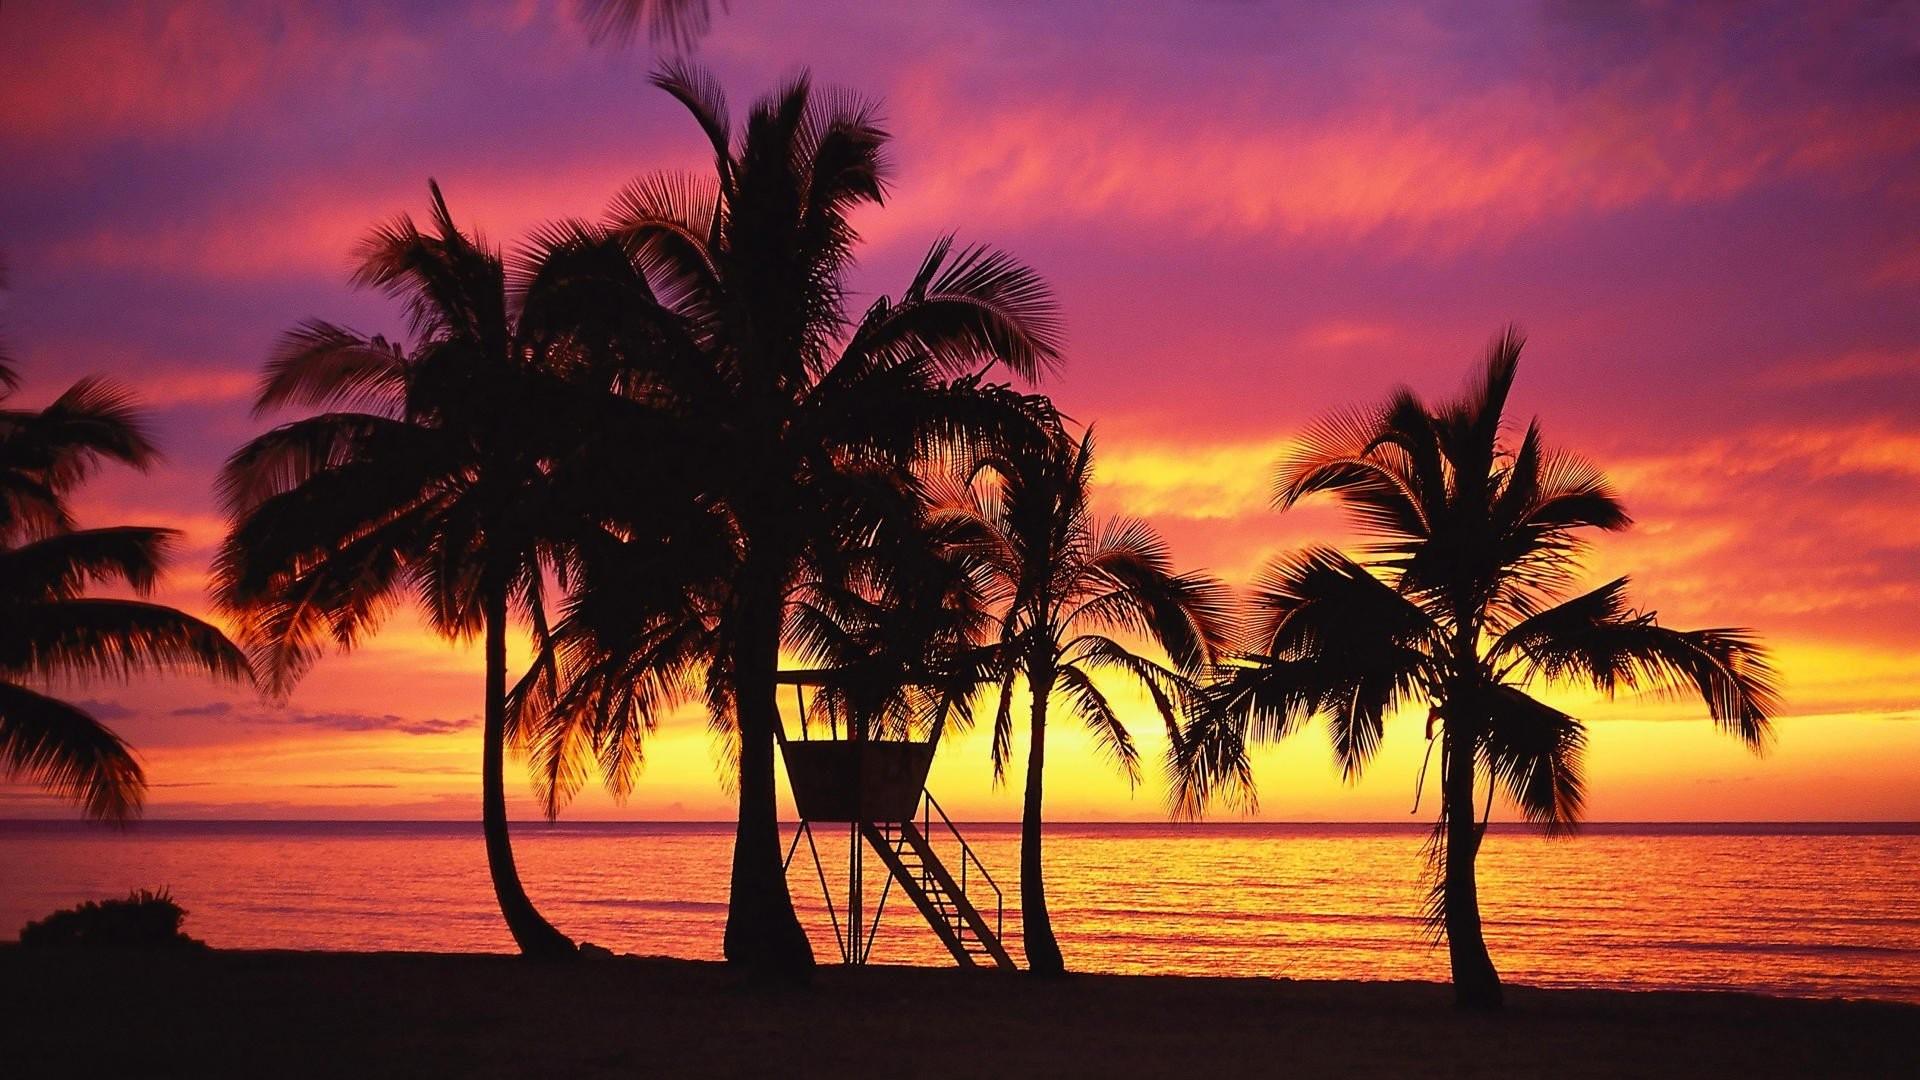 Hawaii Screensavers Wallpaper 56 Images